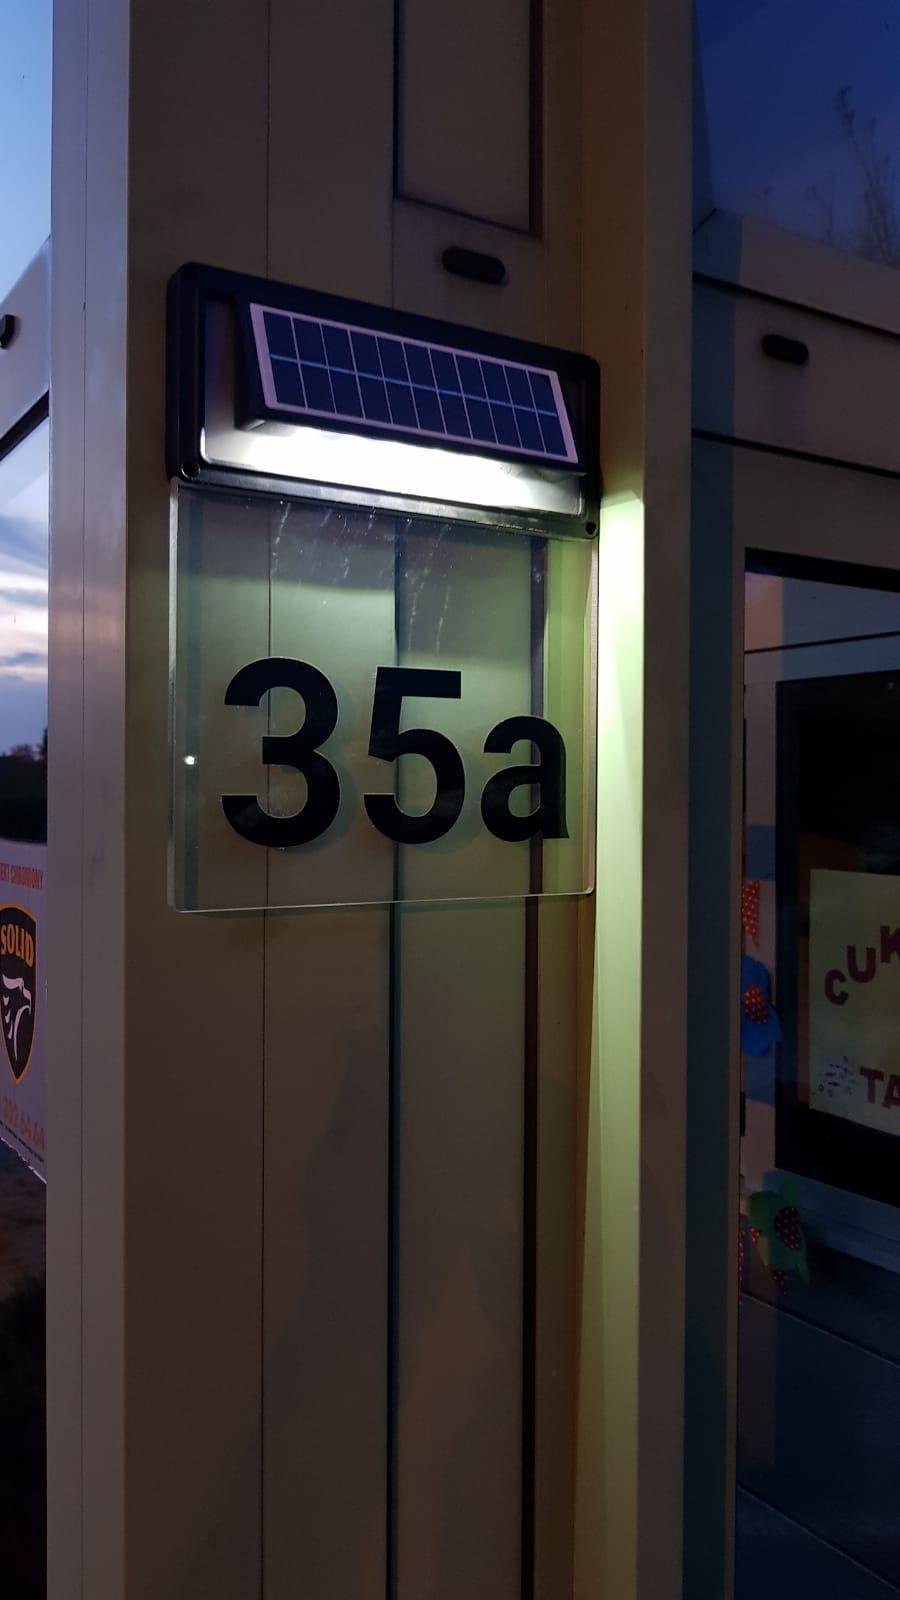 Solarne podświetlenie tabliczki z numerem budynku